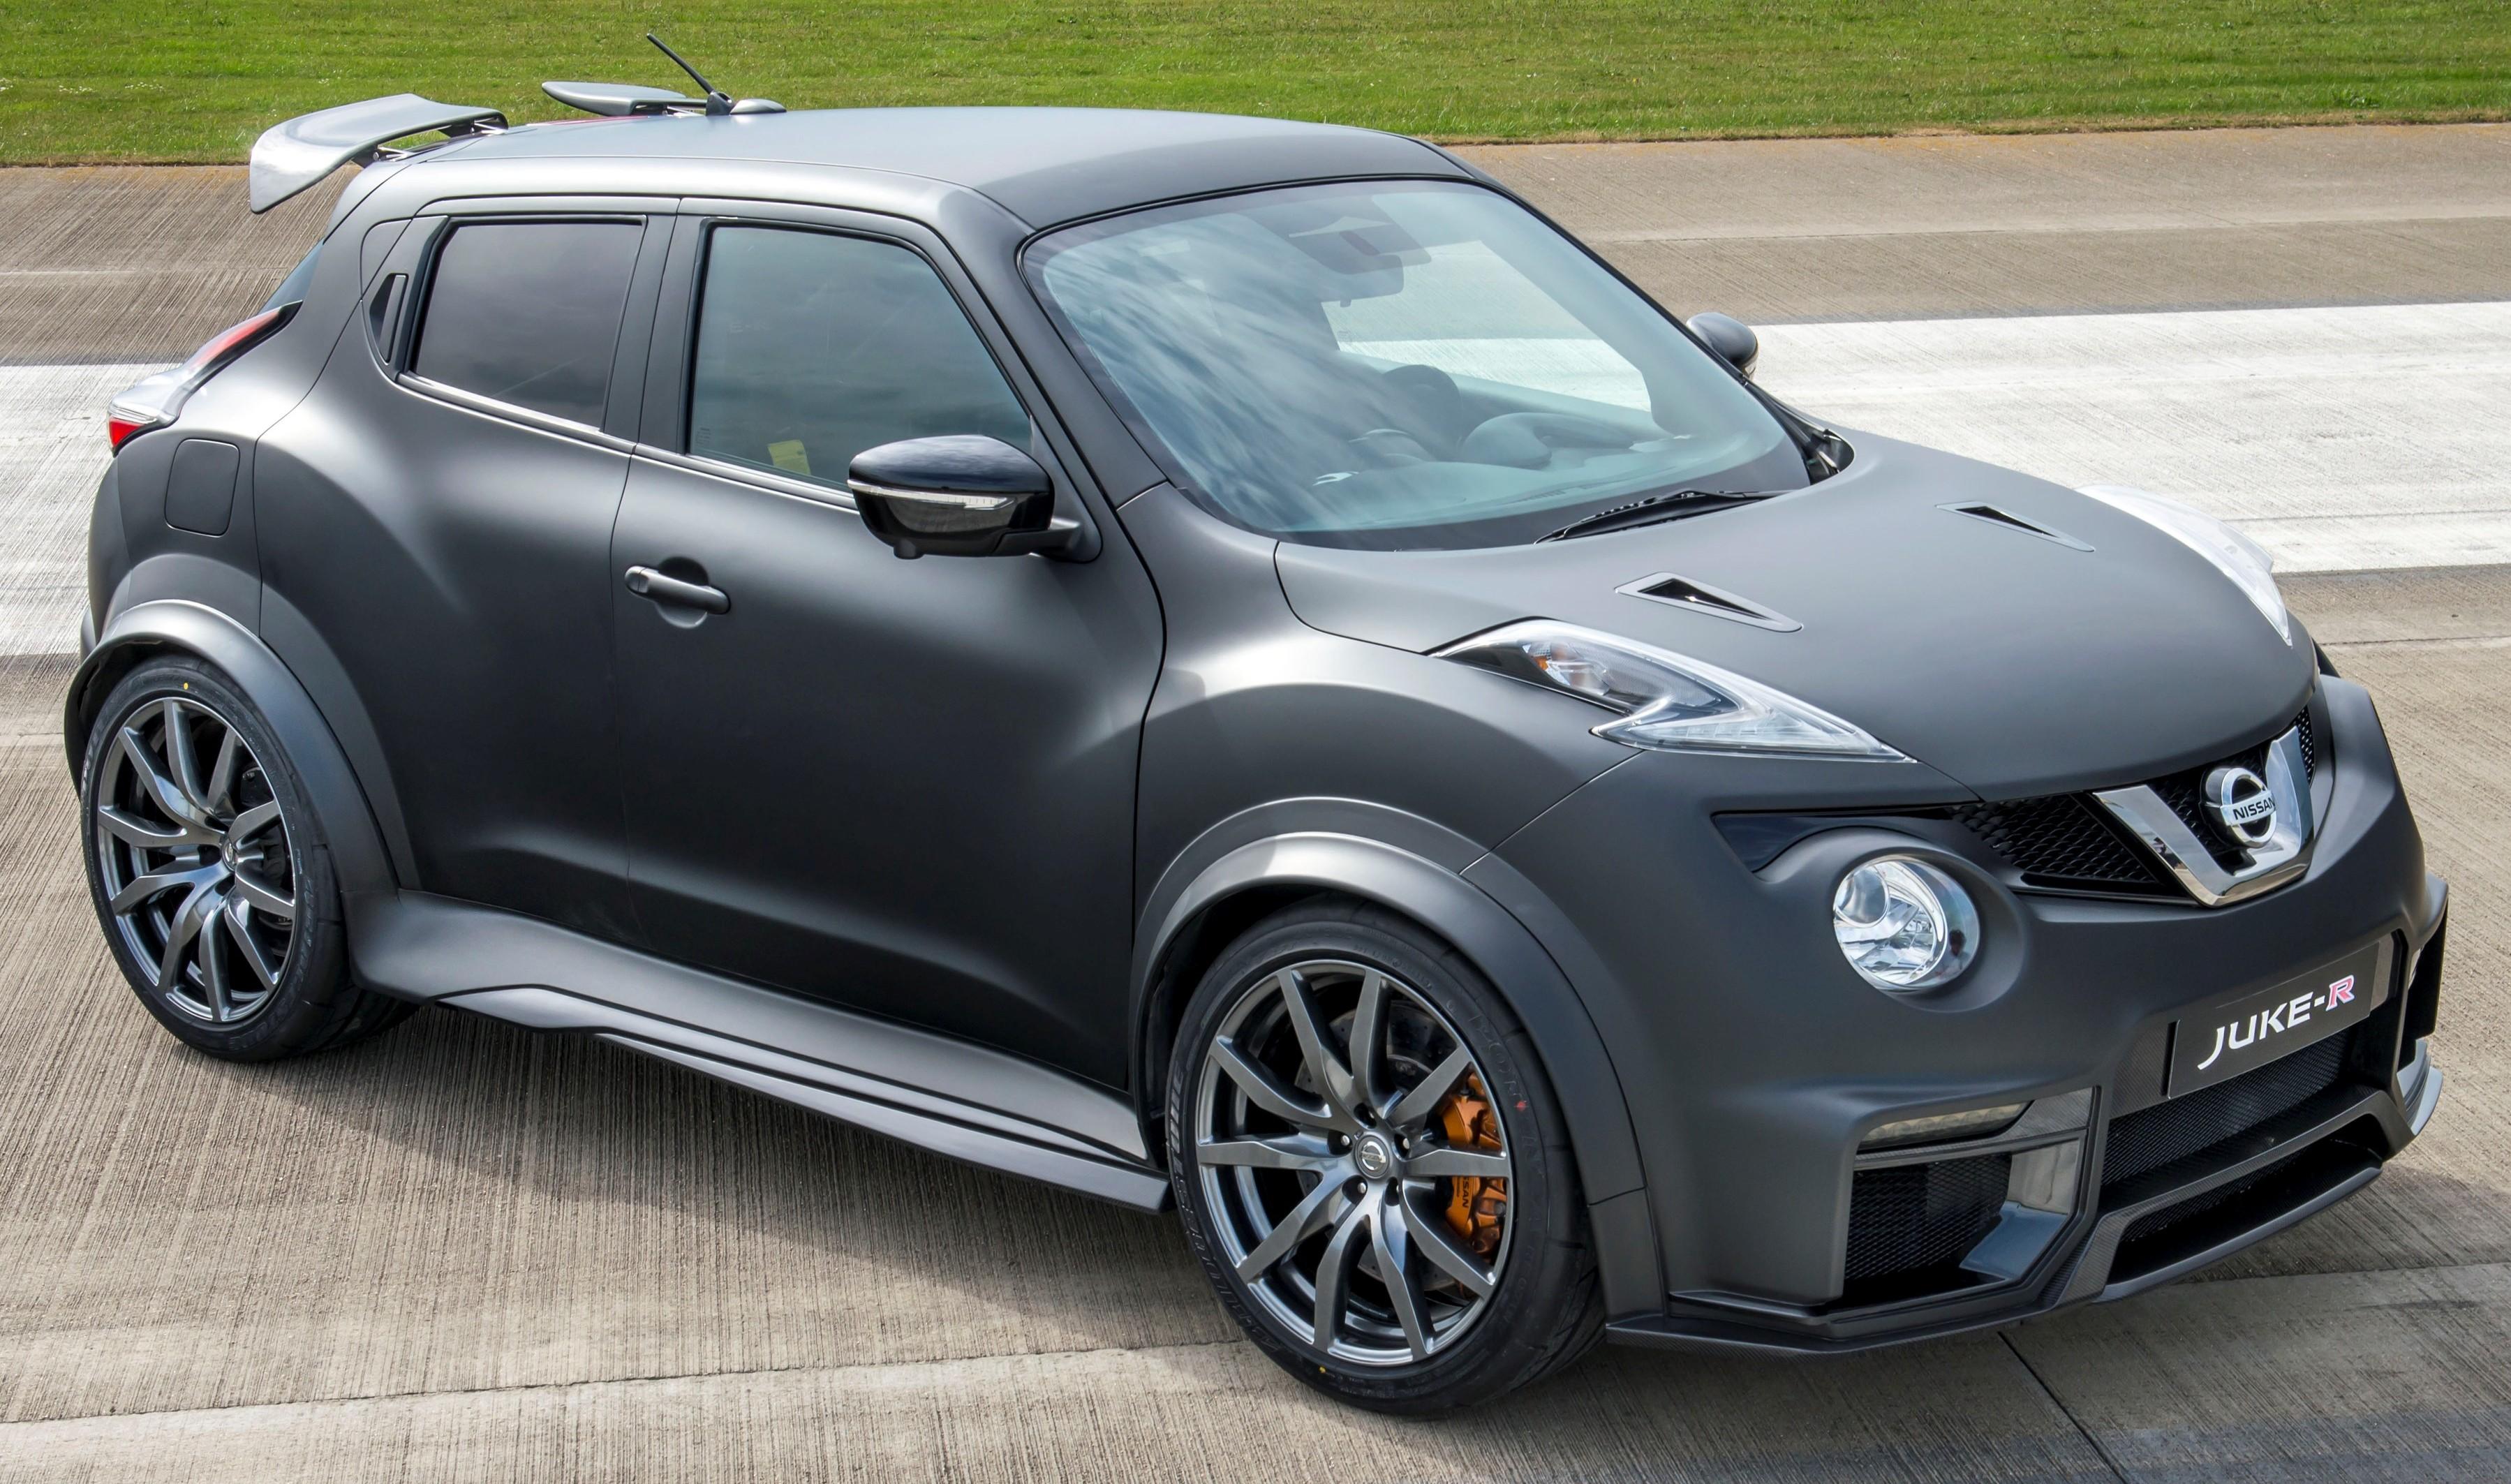 19个车款涉及,Nissan 承认在日本涉及油耗与排放造假 nissan-juke-r-2.0-concept-16 ...